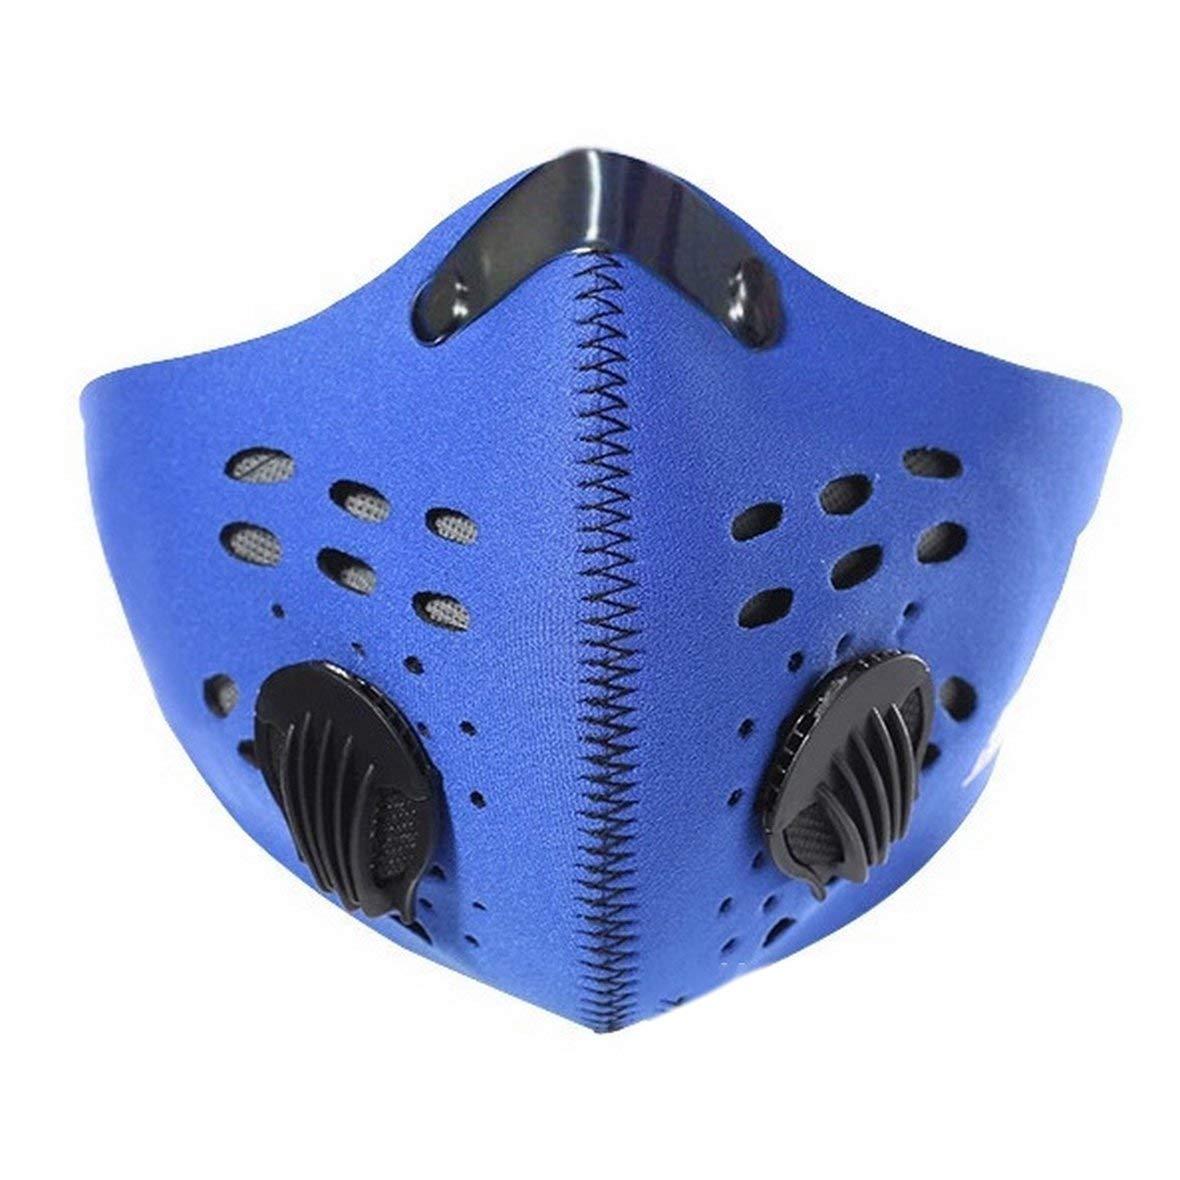 Masque Anti-poussière Heaviesk Masque de Pollution Masque Anti-poussière de Pollen Adulte Anti-PM 2.5 Masque à Charbon Actif Lavable Anti-buée Filtre à Charbon Actif avec 2 filtres